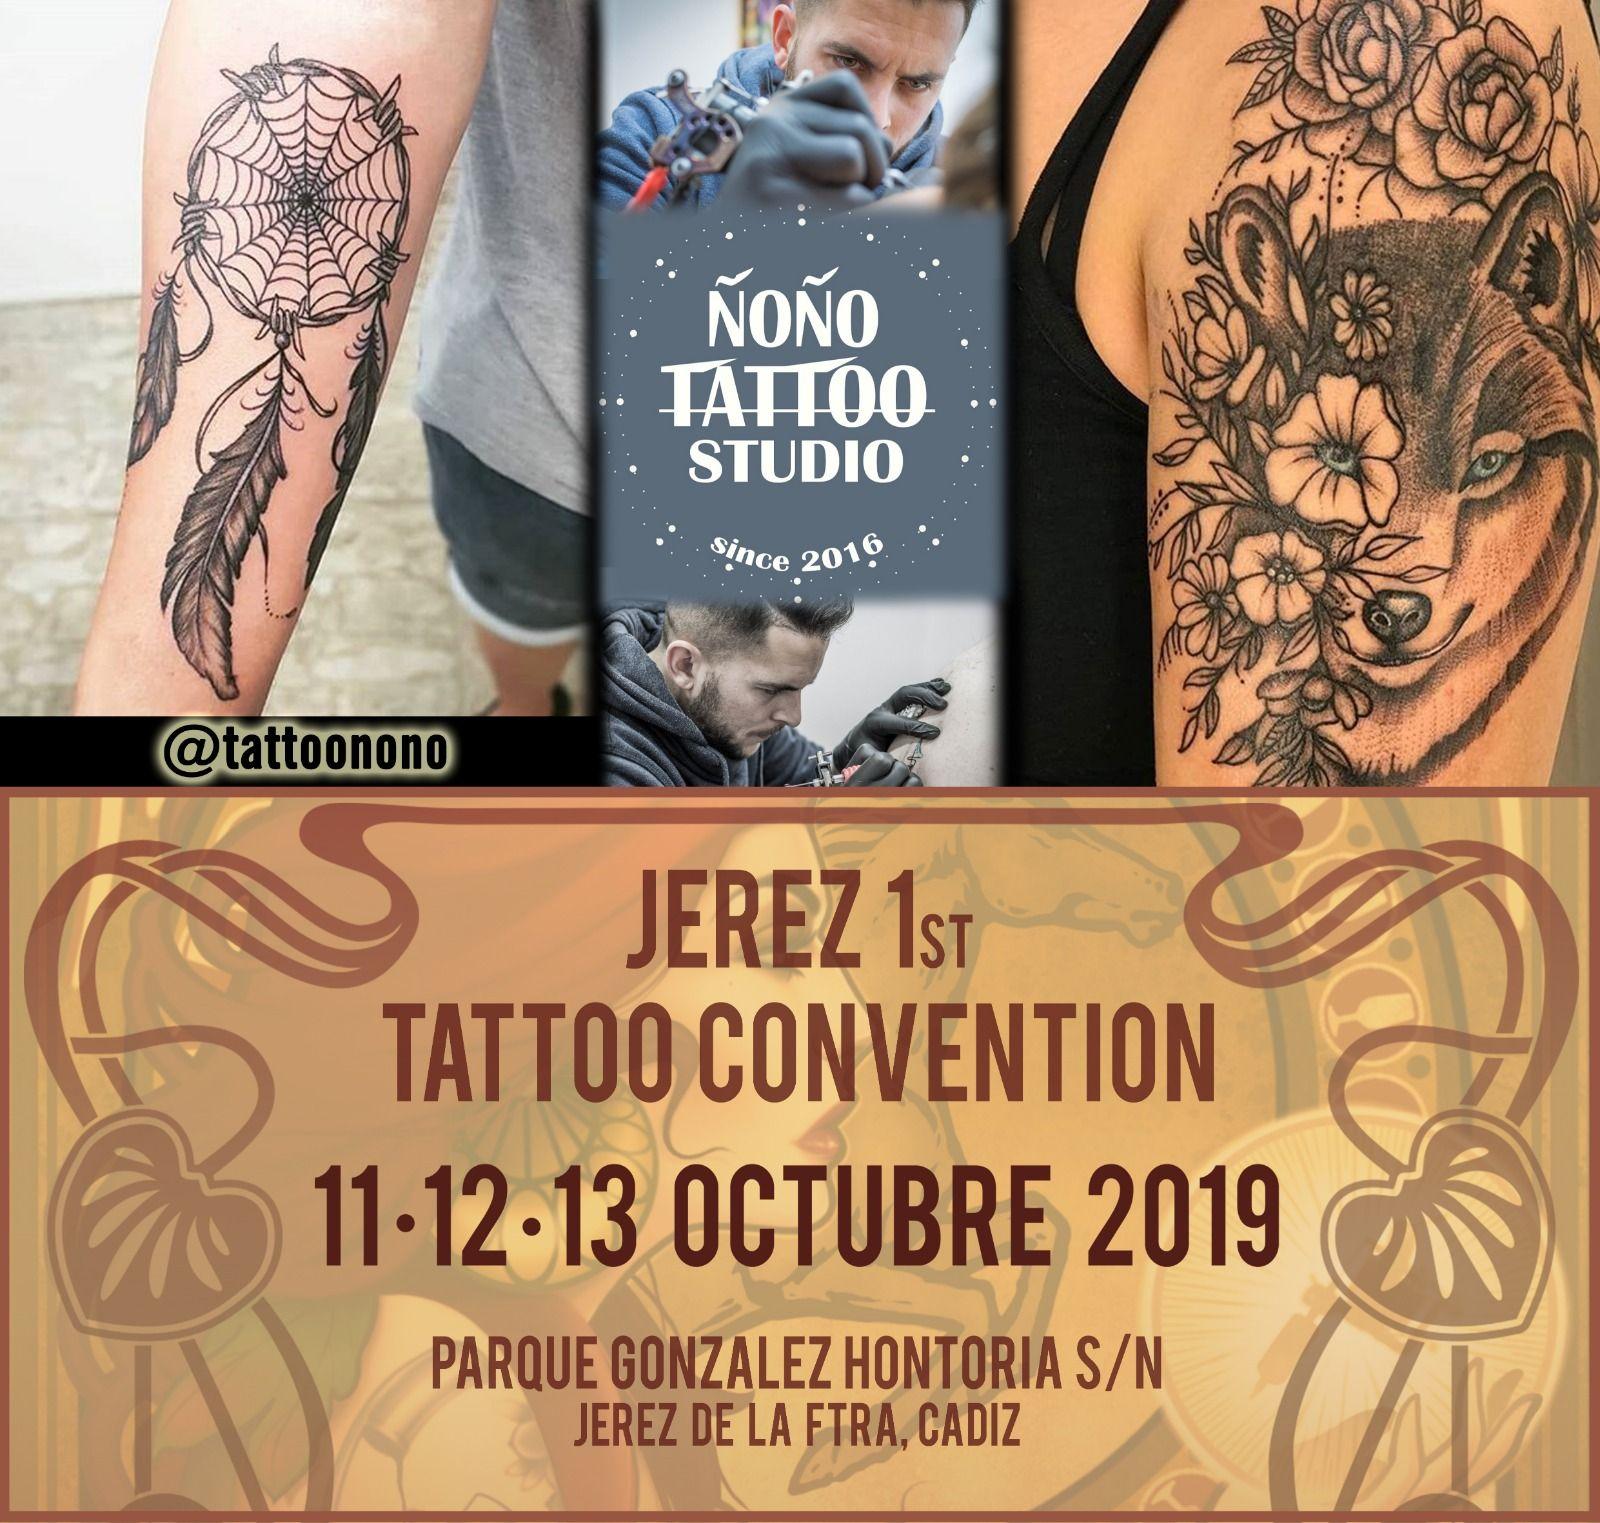 ñoño tattoo